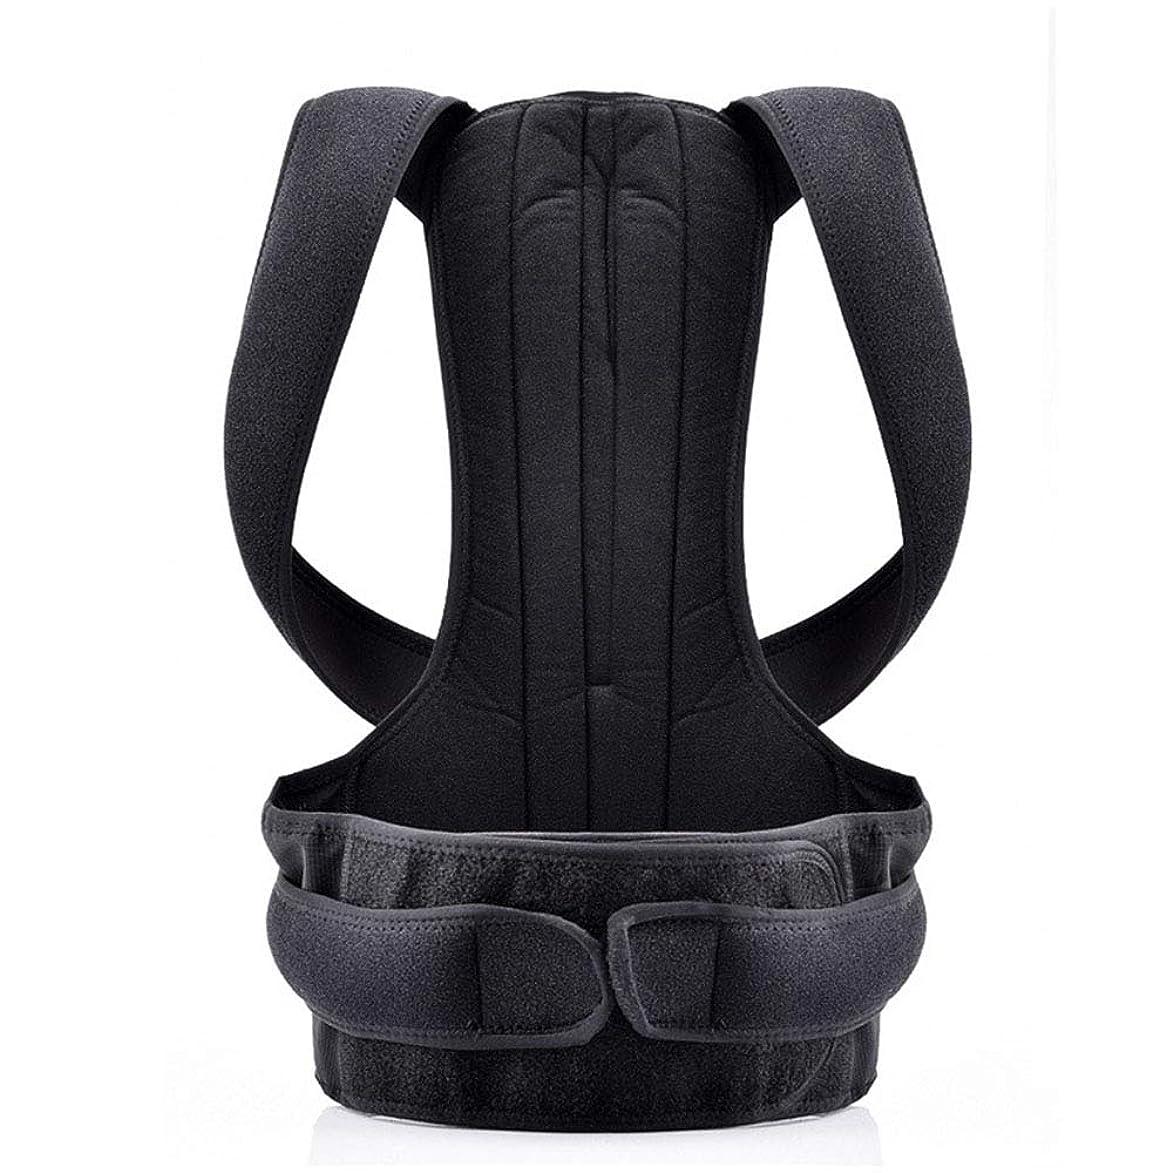 スラムナイロン海嶺背もたれ矯正肩腰椎ブレース脊椎サポートベルト調節可能な成人コルセット姿勢矯正ベルトボディヘルスケア,XL